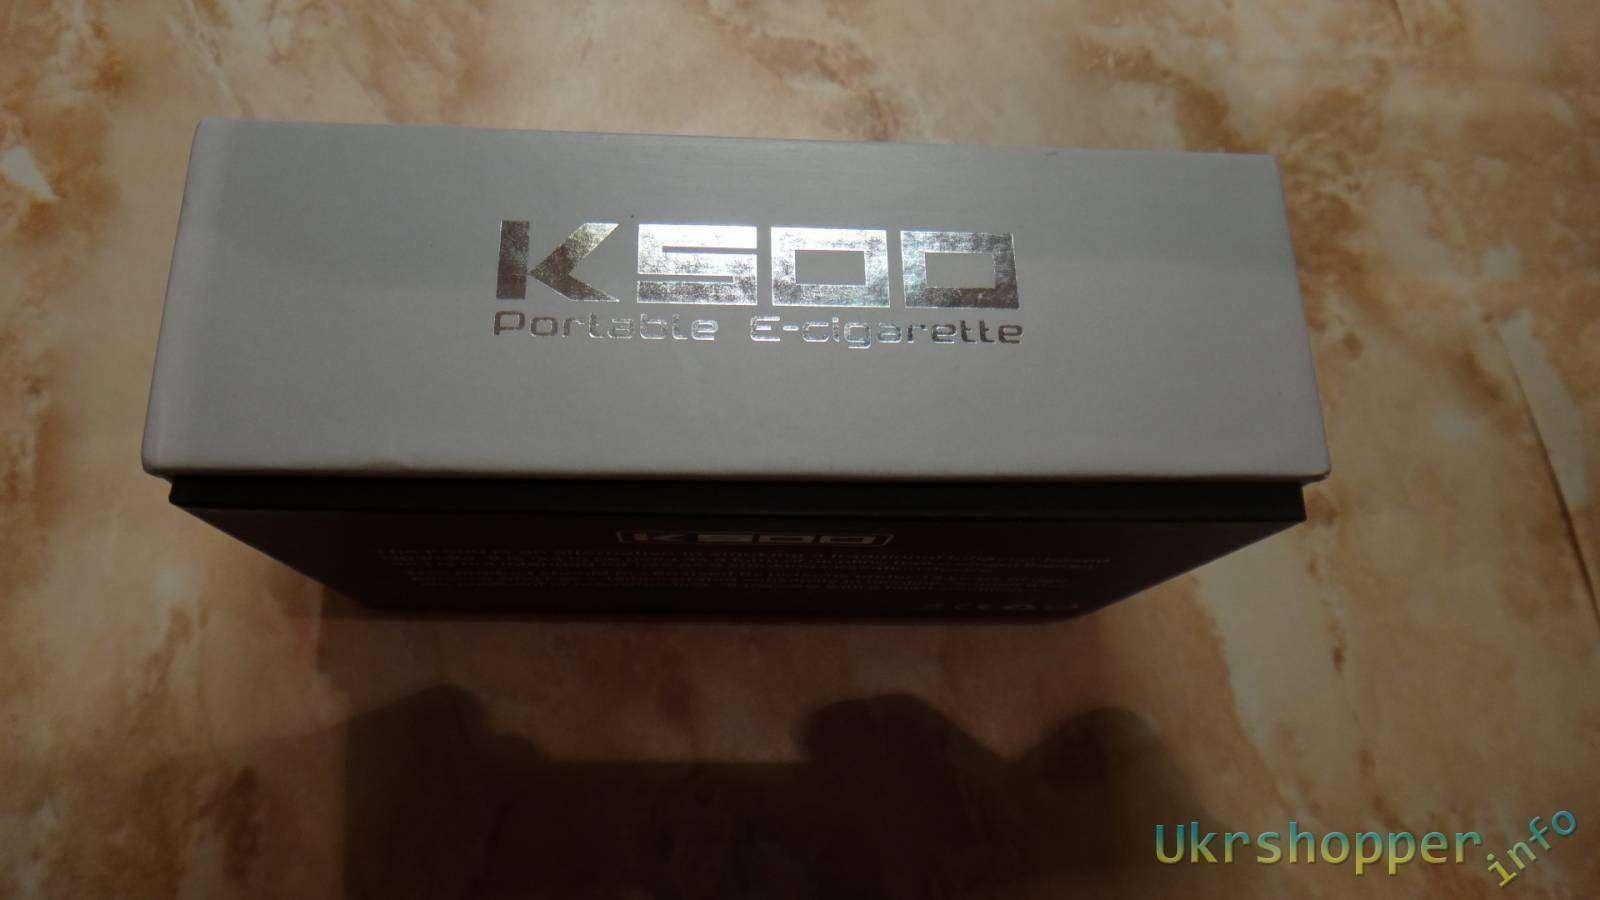 Electhinker: Электронная сигарета со стандартными размерами Simeiyue K500 с портсигаром повербанком